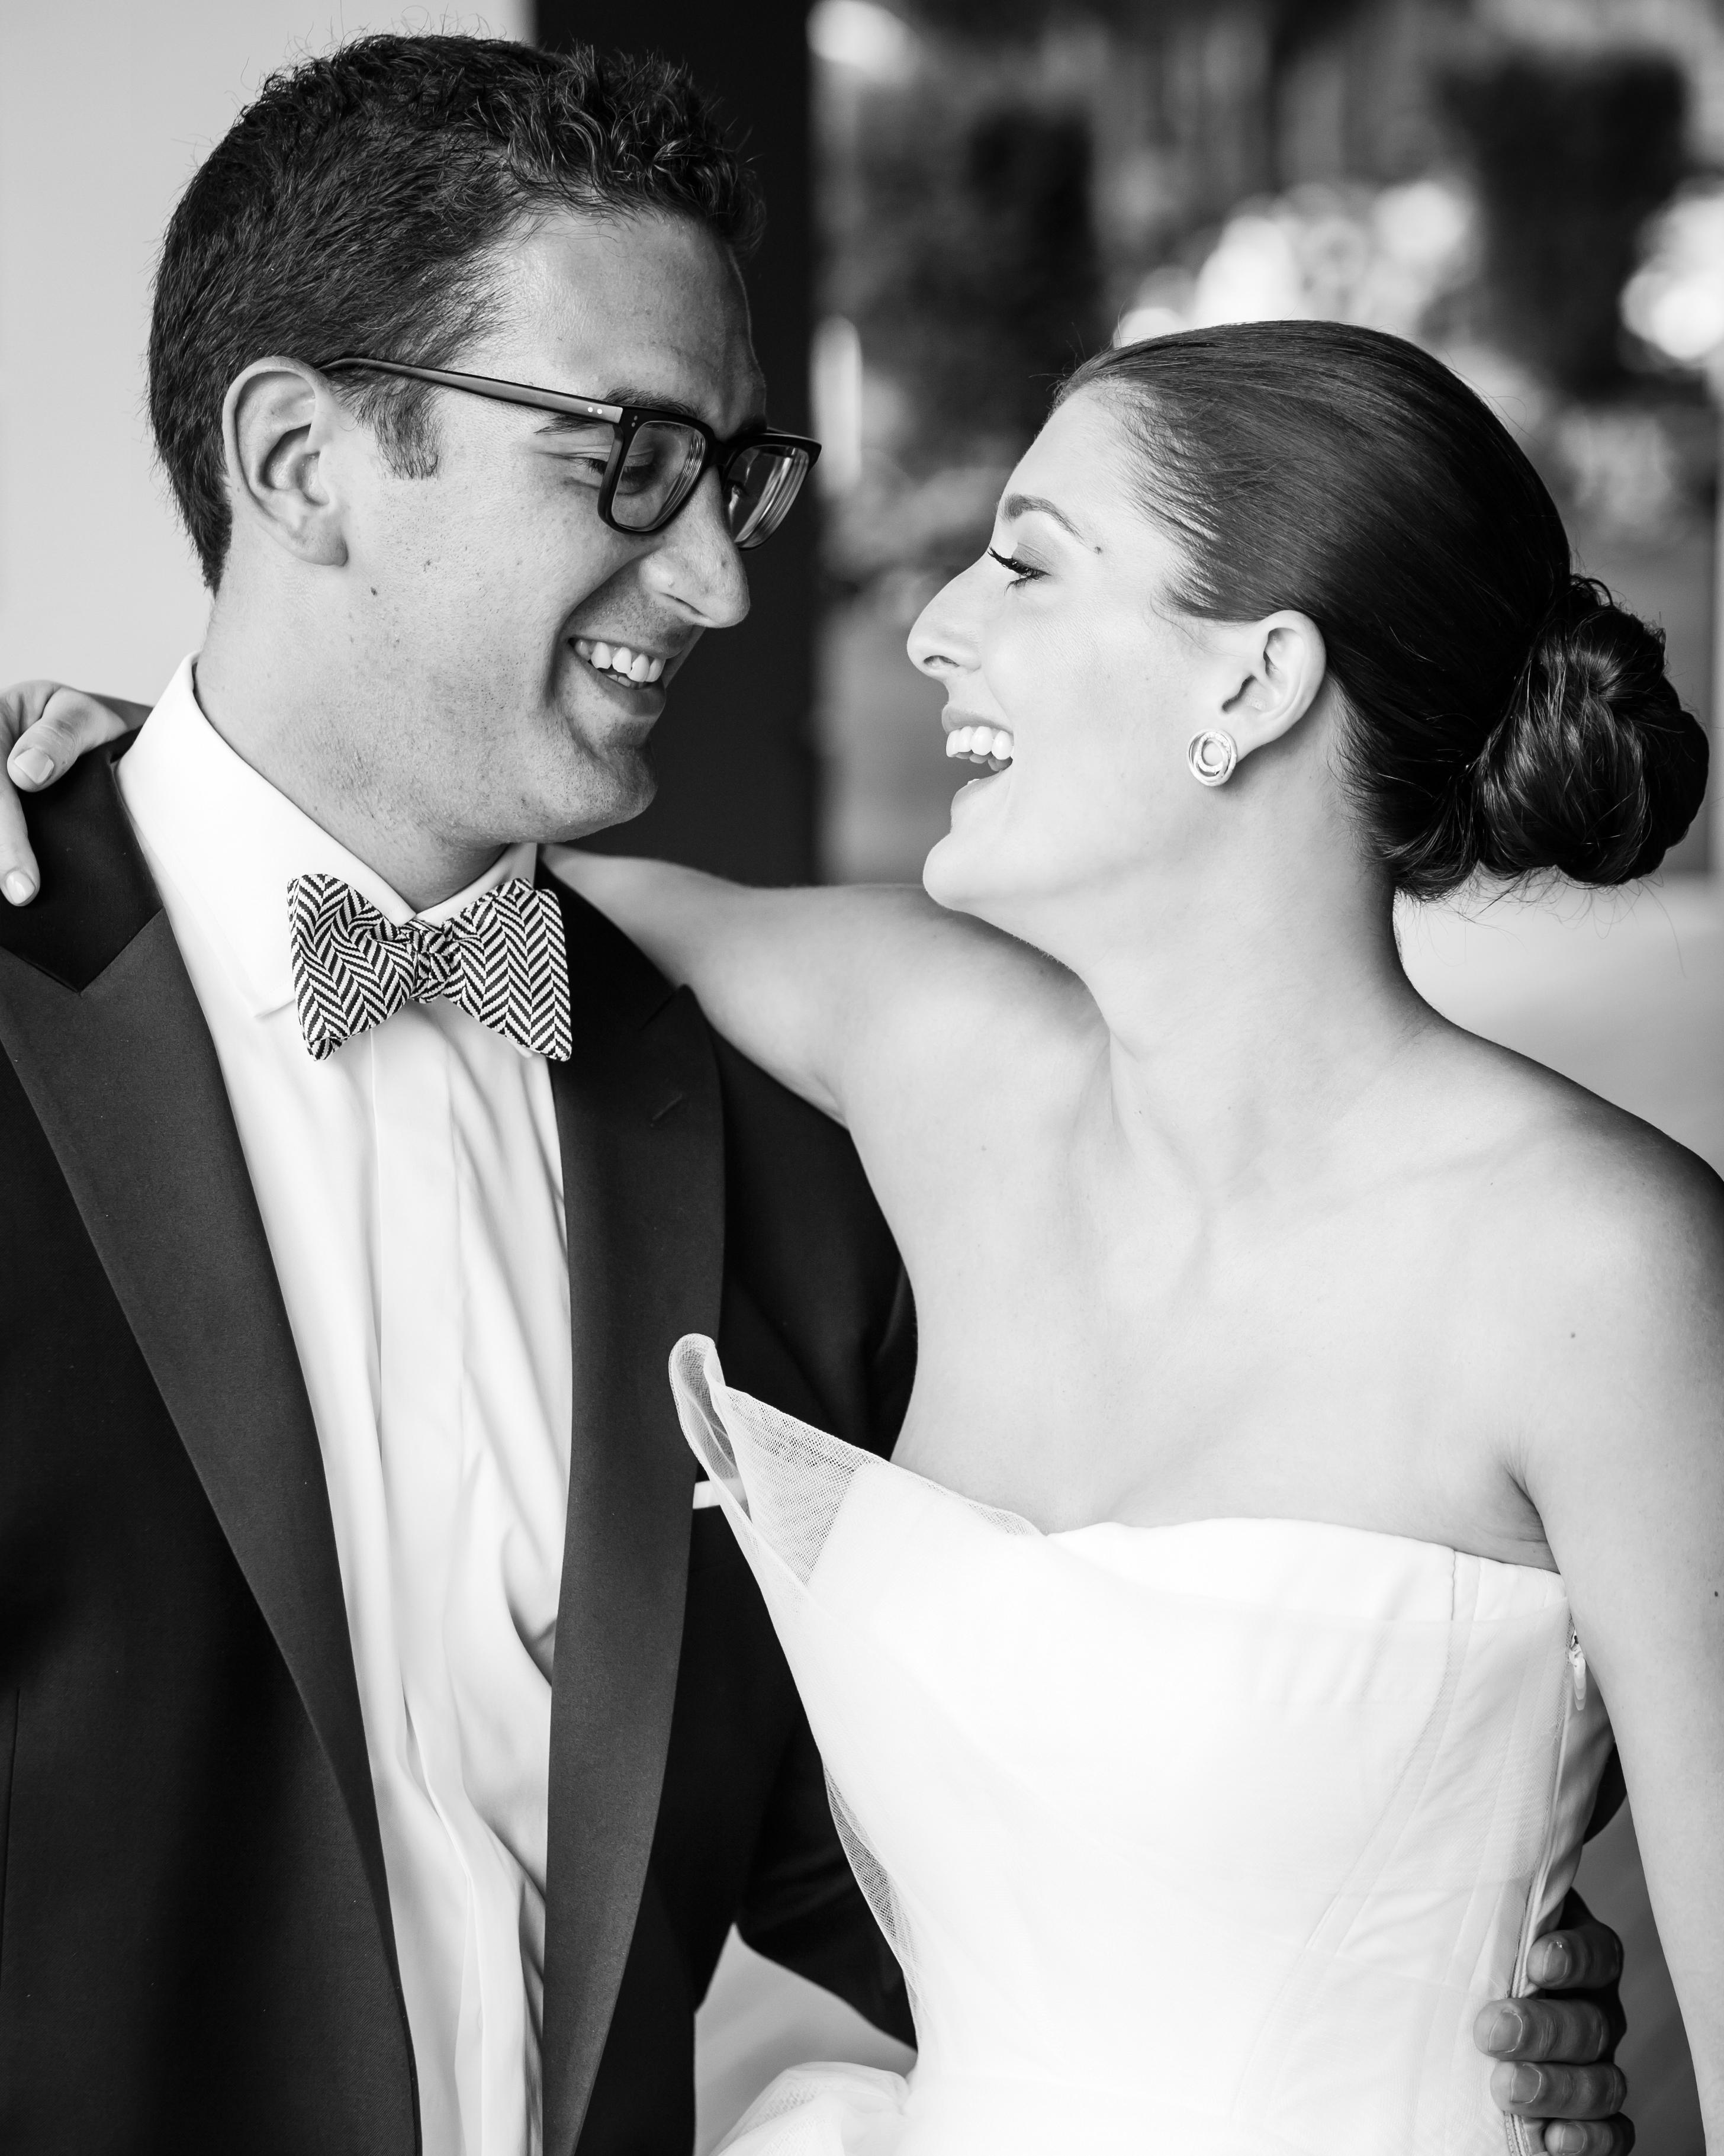 hanna-bret-bride-groom-ss0213-s111676.jpg